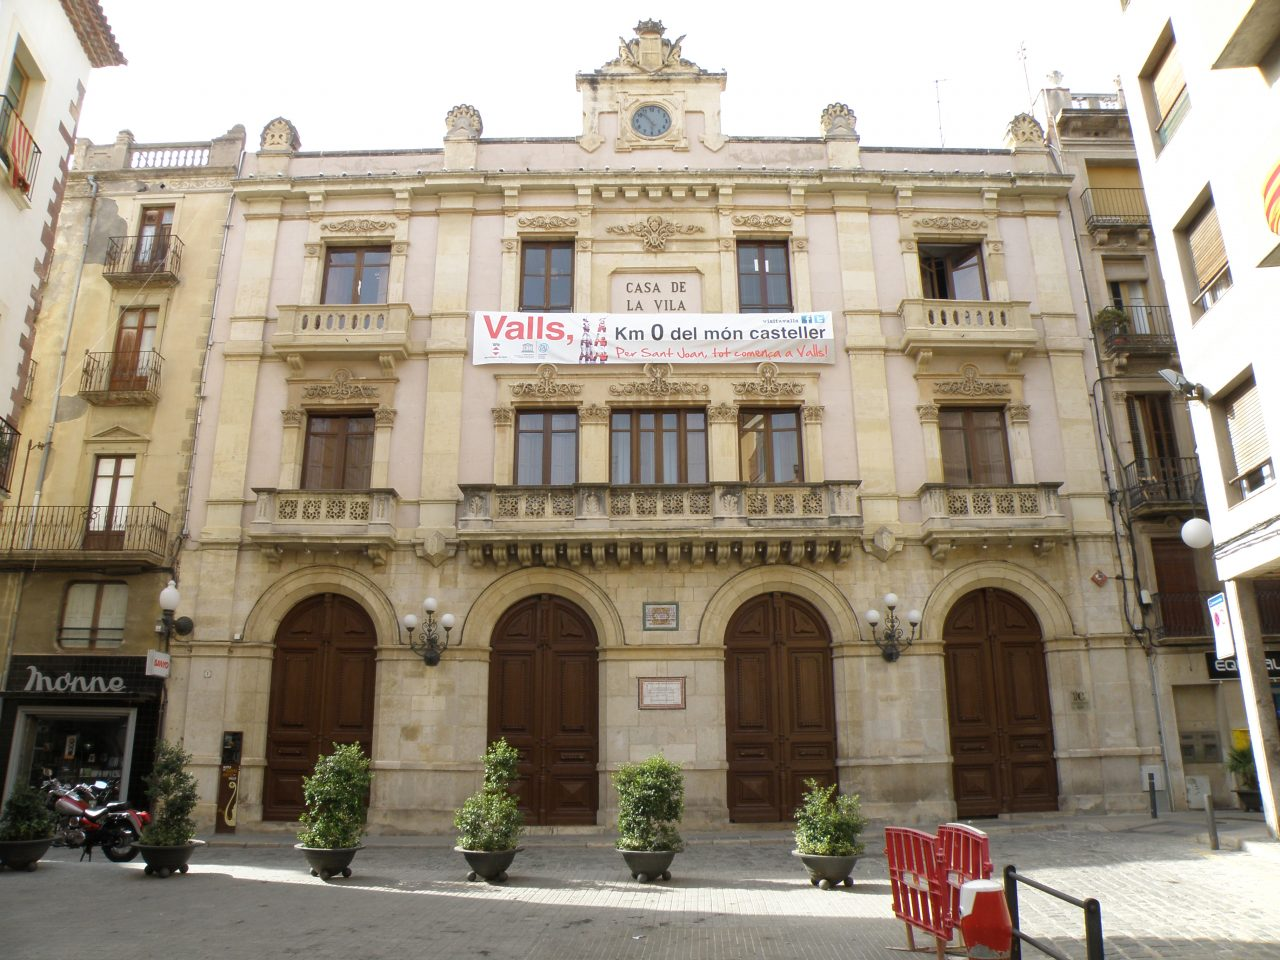 Ajuntament_de_Valls_6-1280x960.jpg